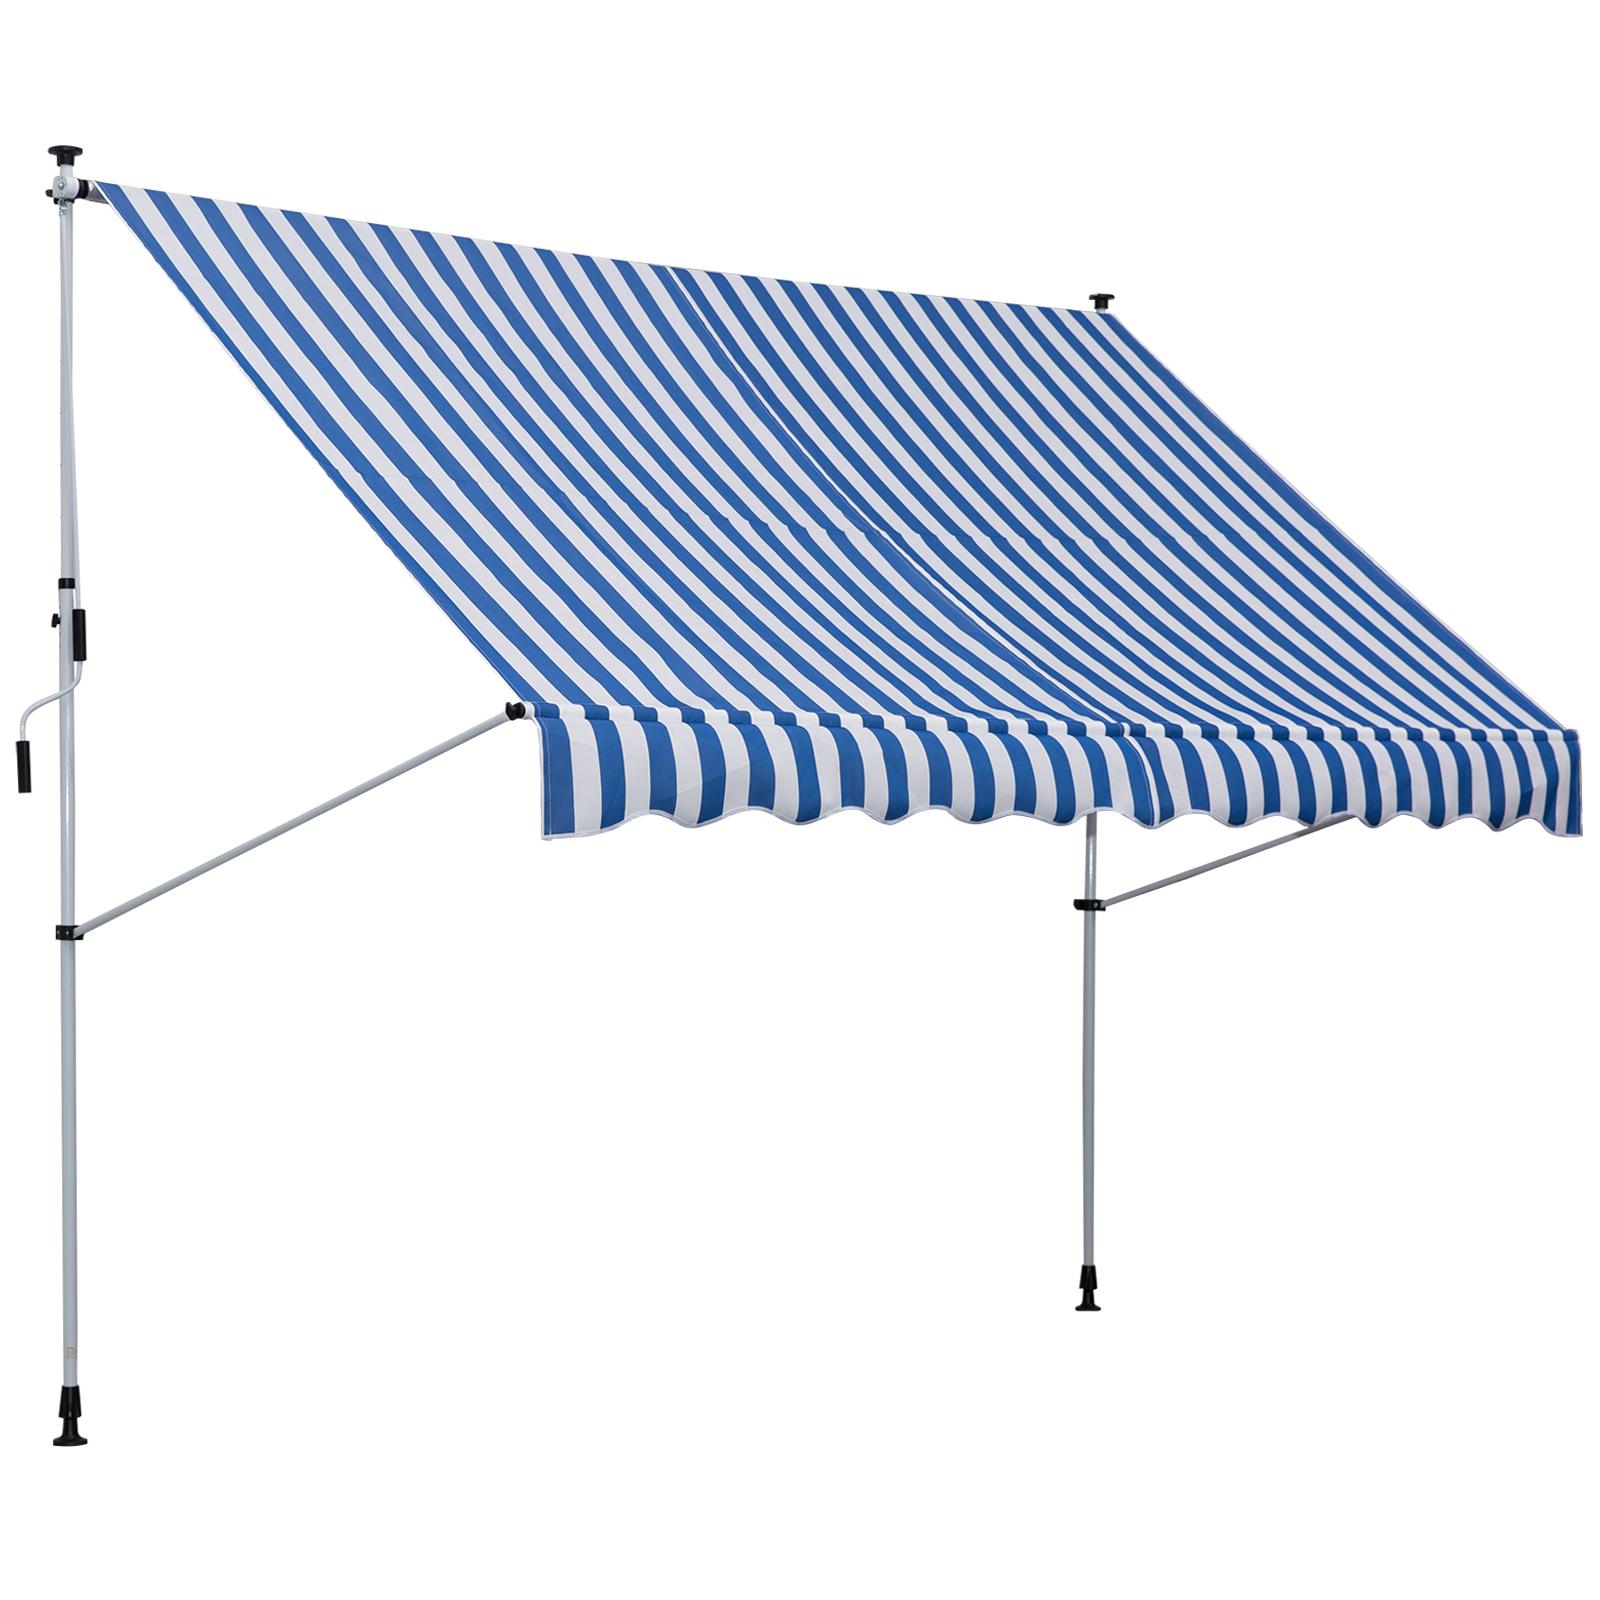 Markise Klemmmarkise Sonnenschutz sonnensegel 3x1,2m  grau//weiß Neu